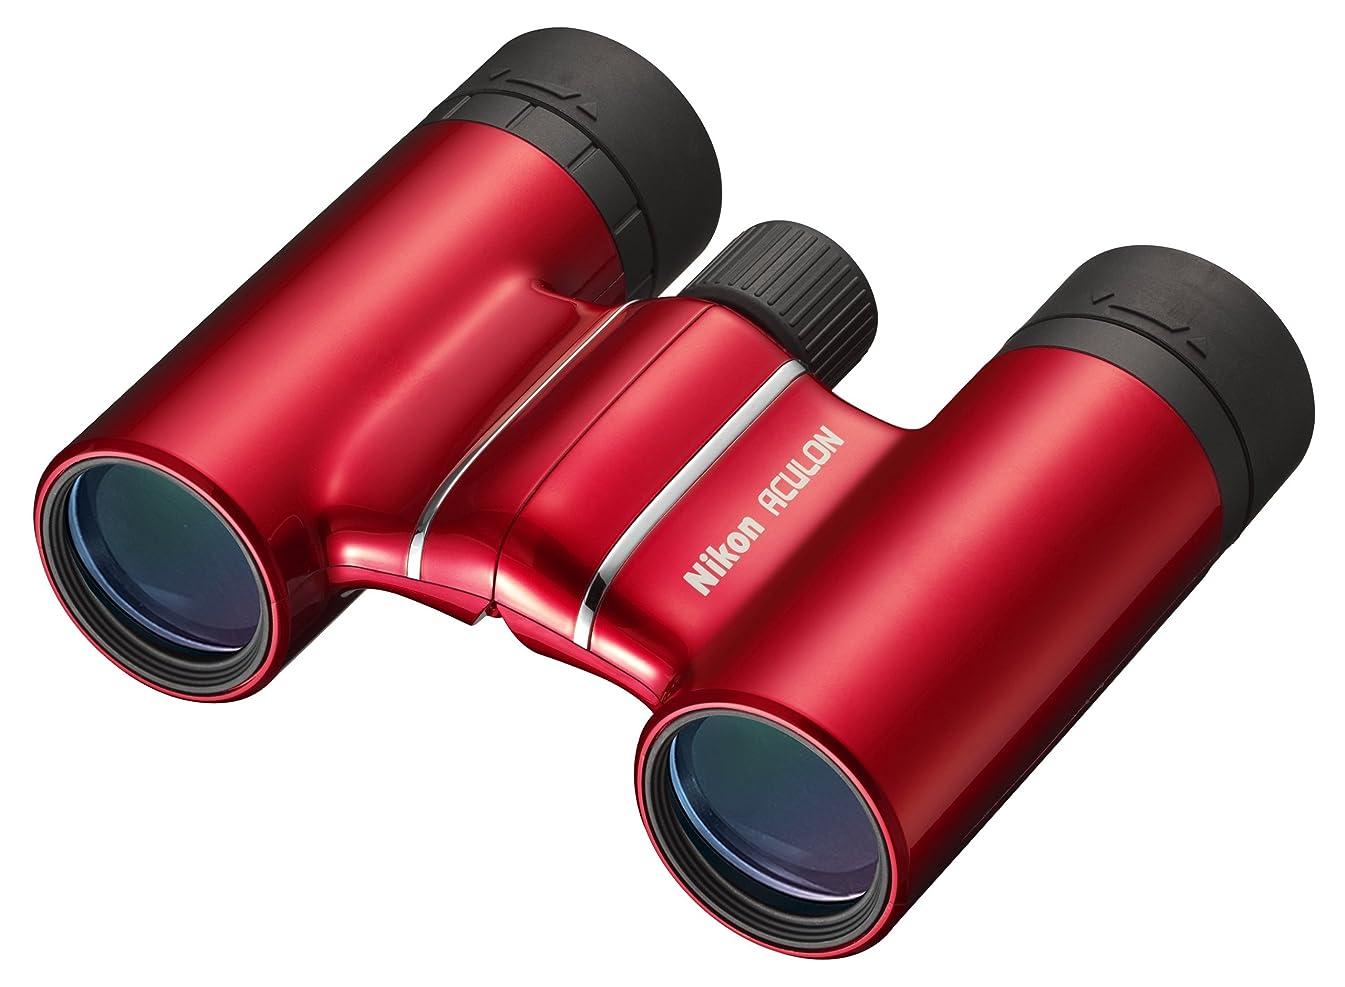 Nikon 6490 ACULON 8x21 T01 Binocular (Red)